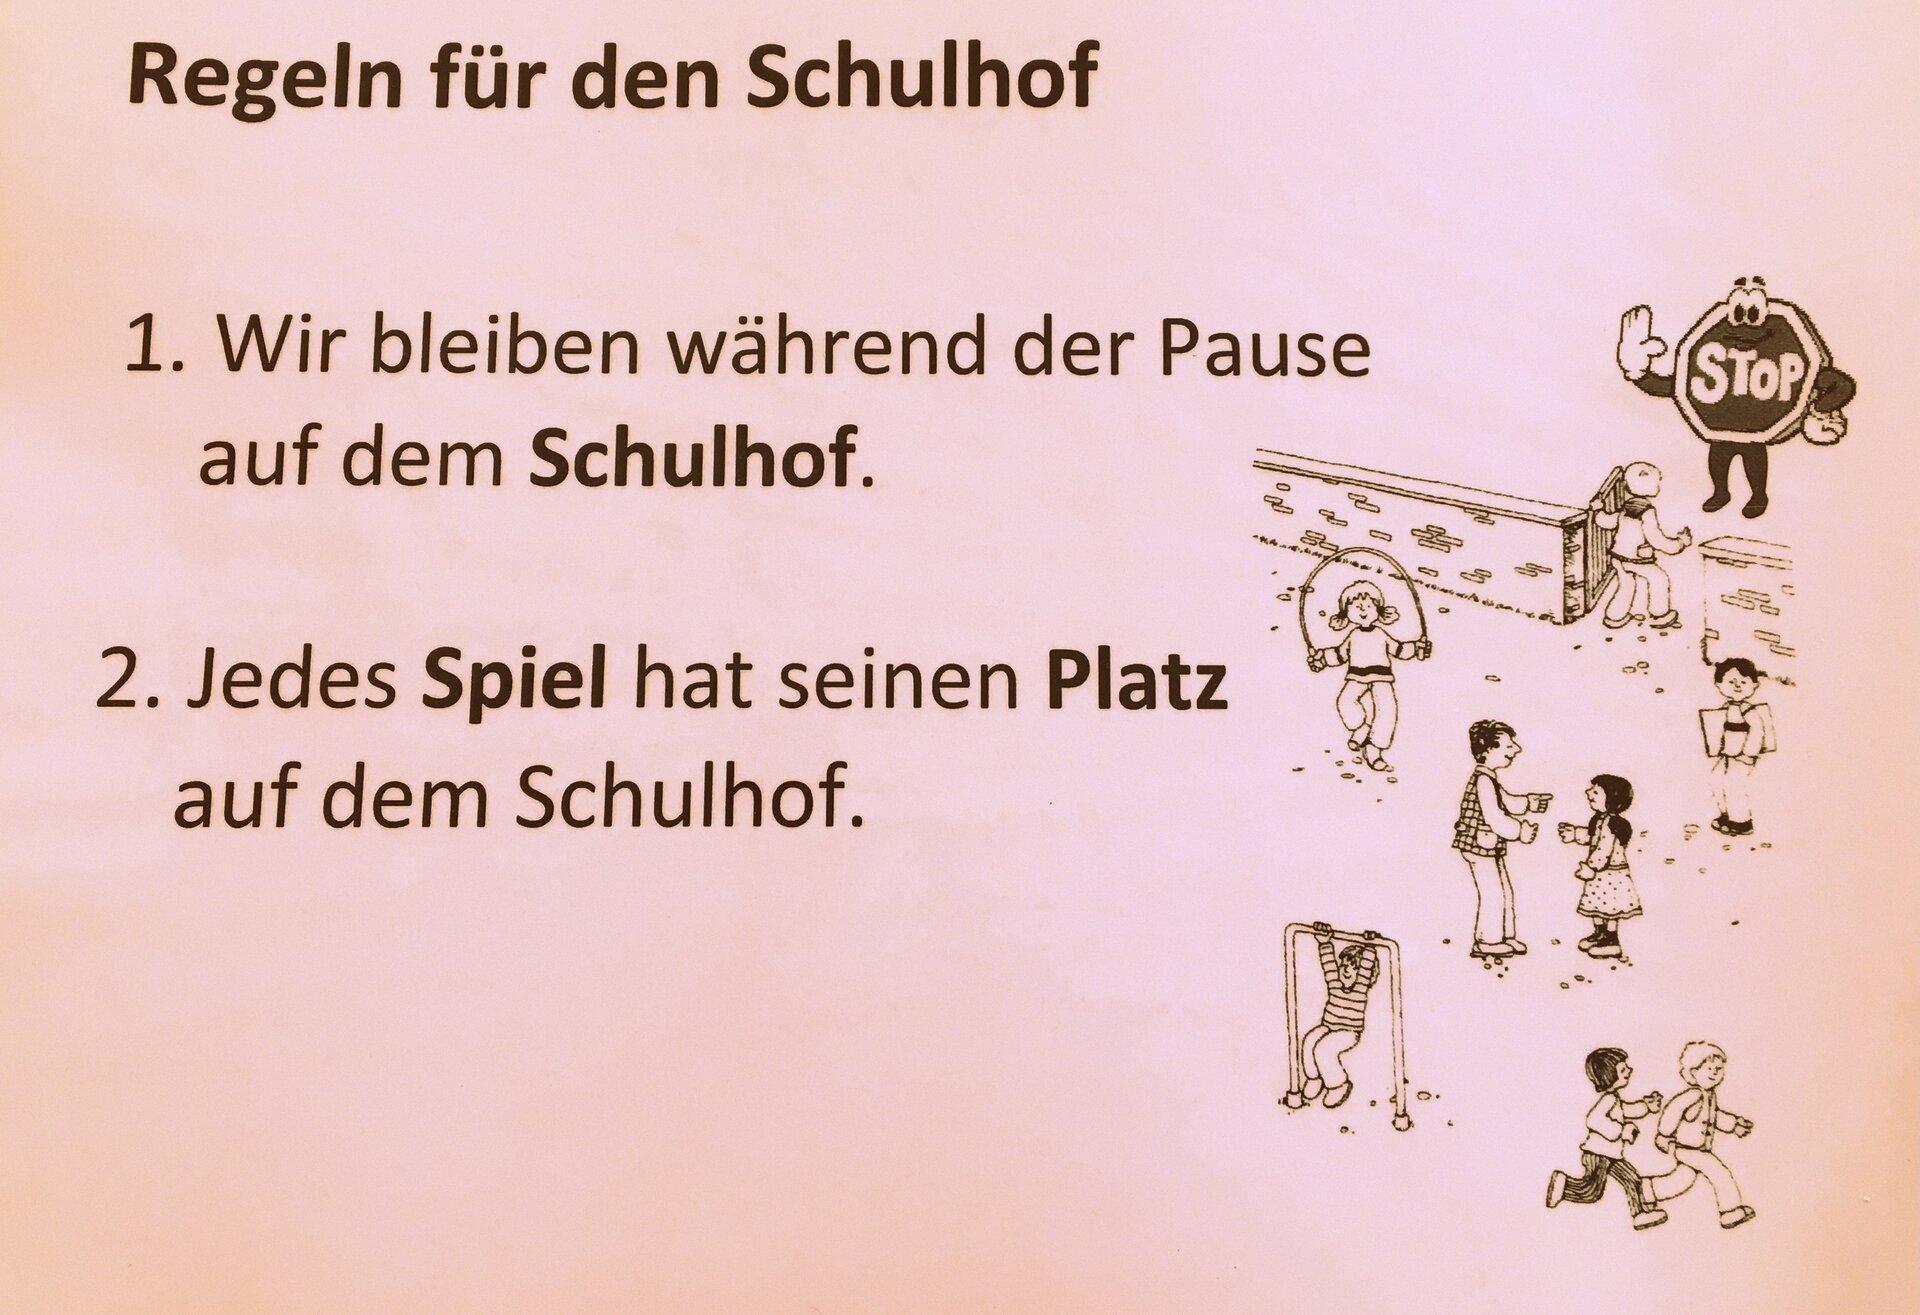 Schulhofregeln